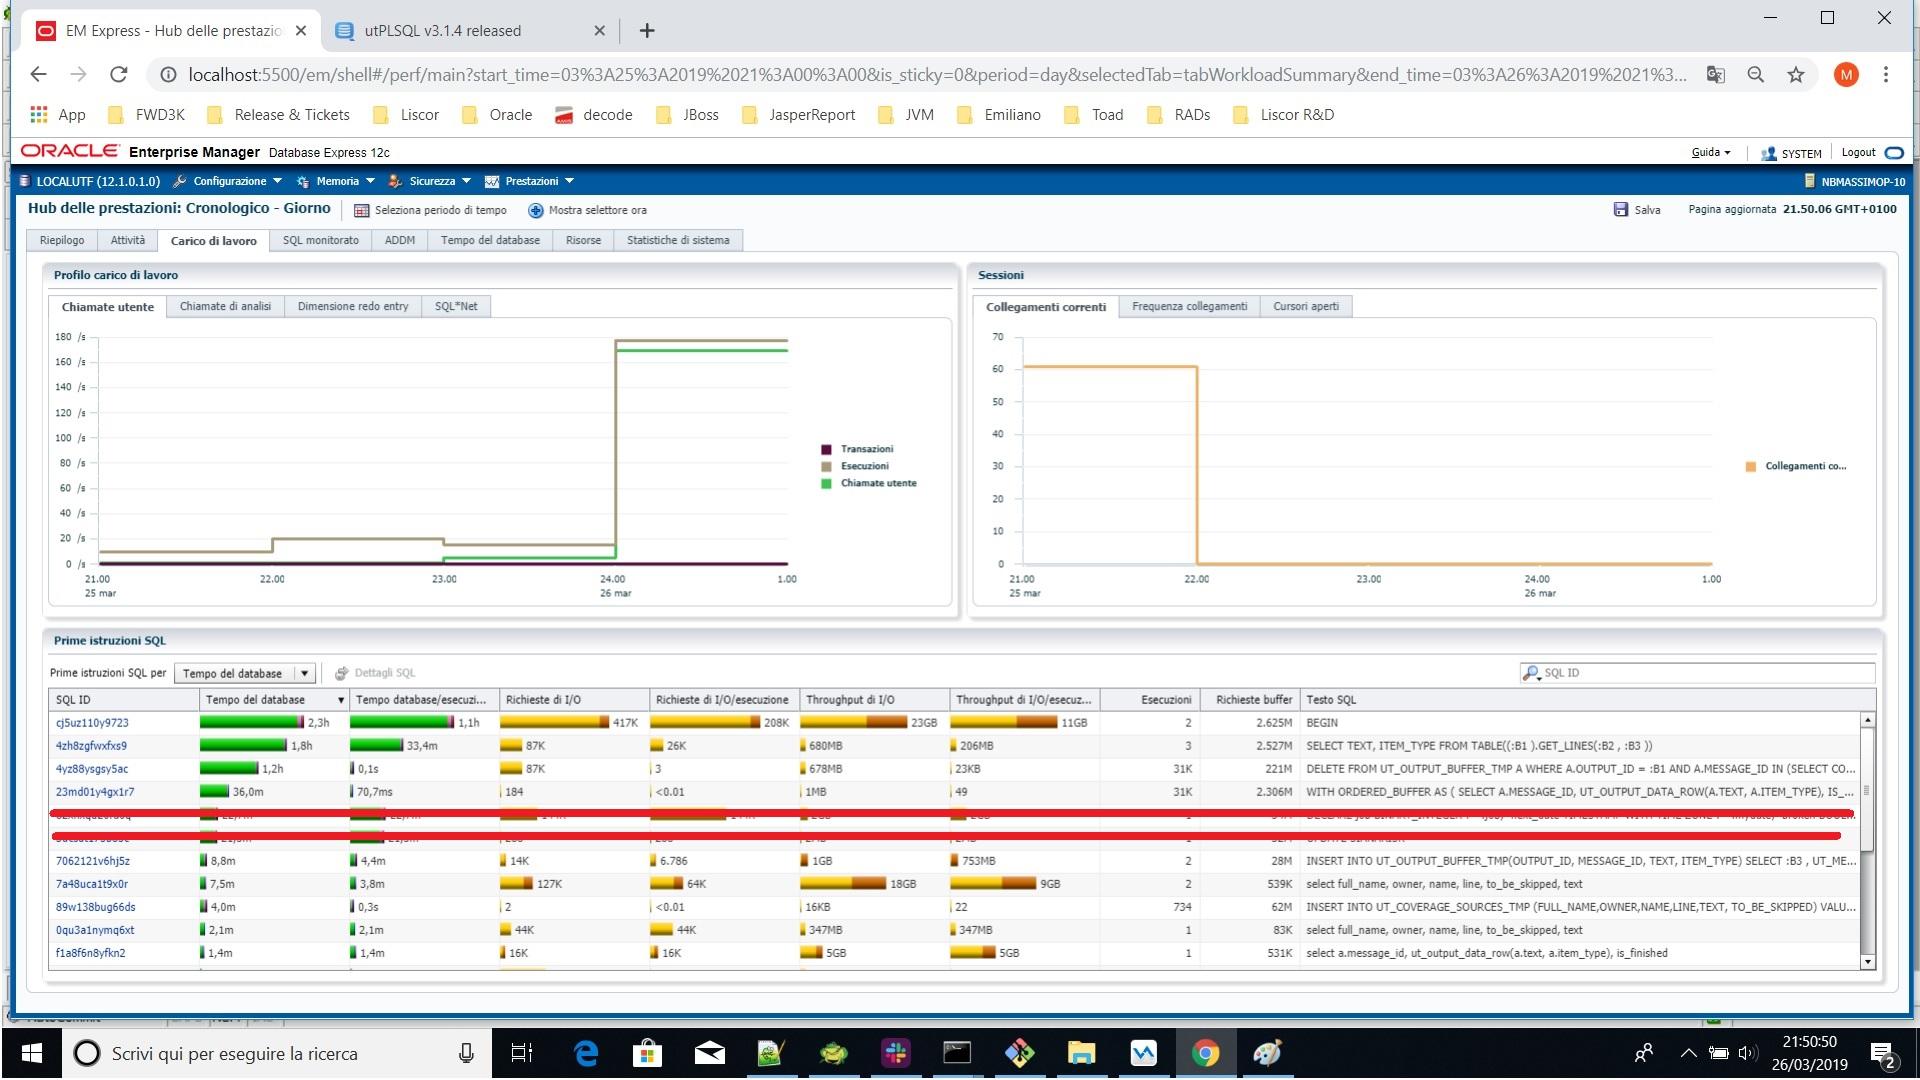 Code coverage report no longer ends on huge PL/SQL code base